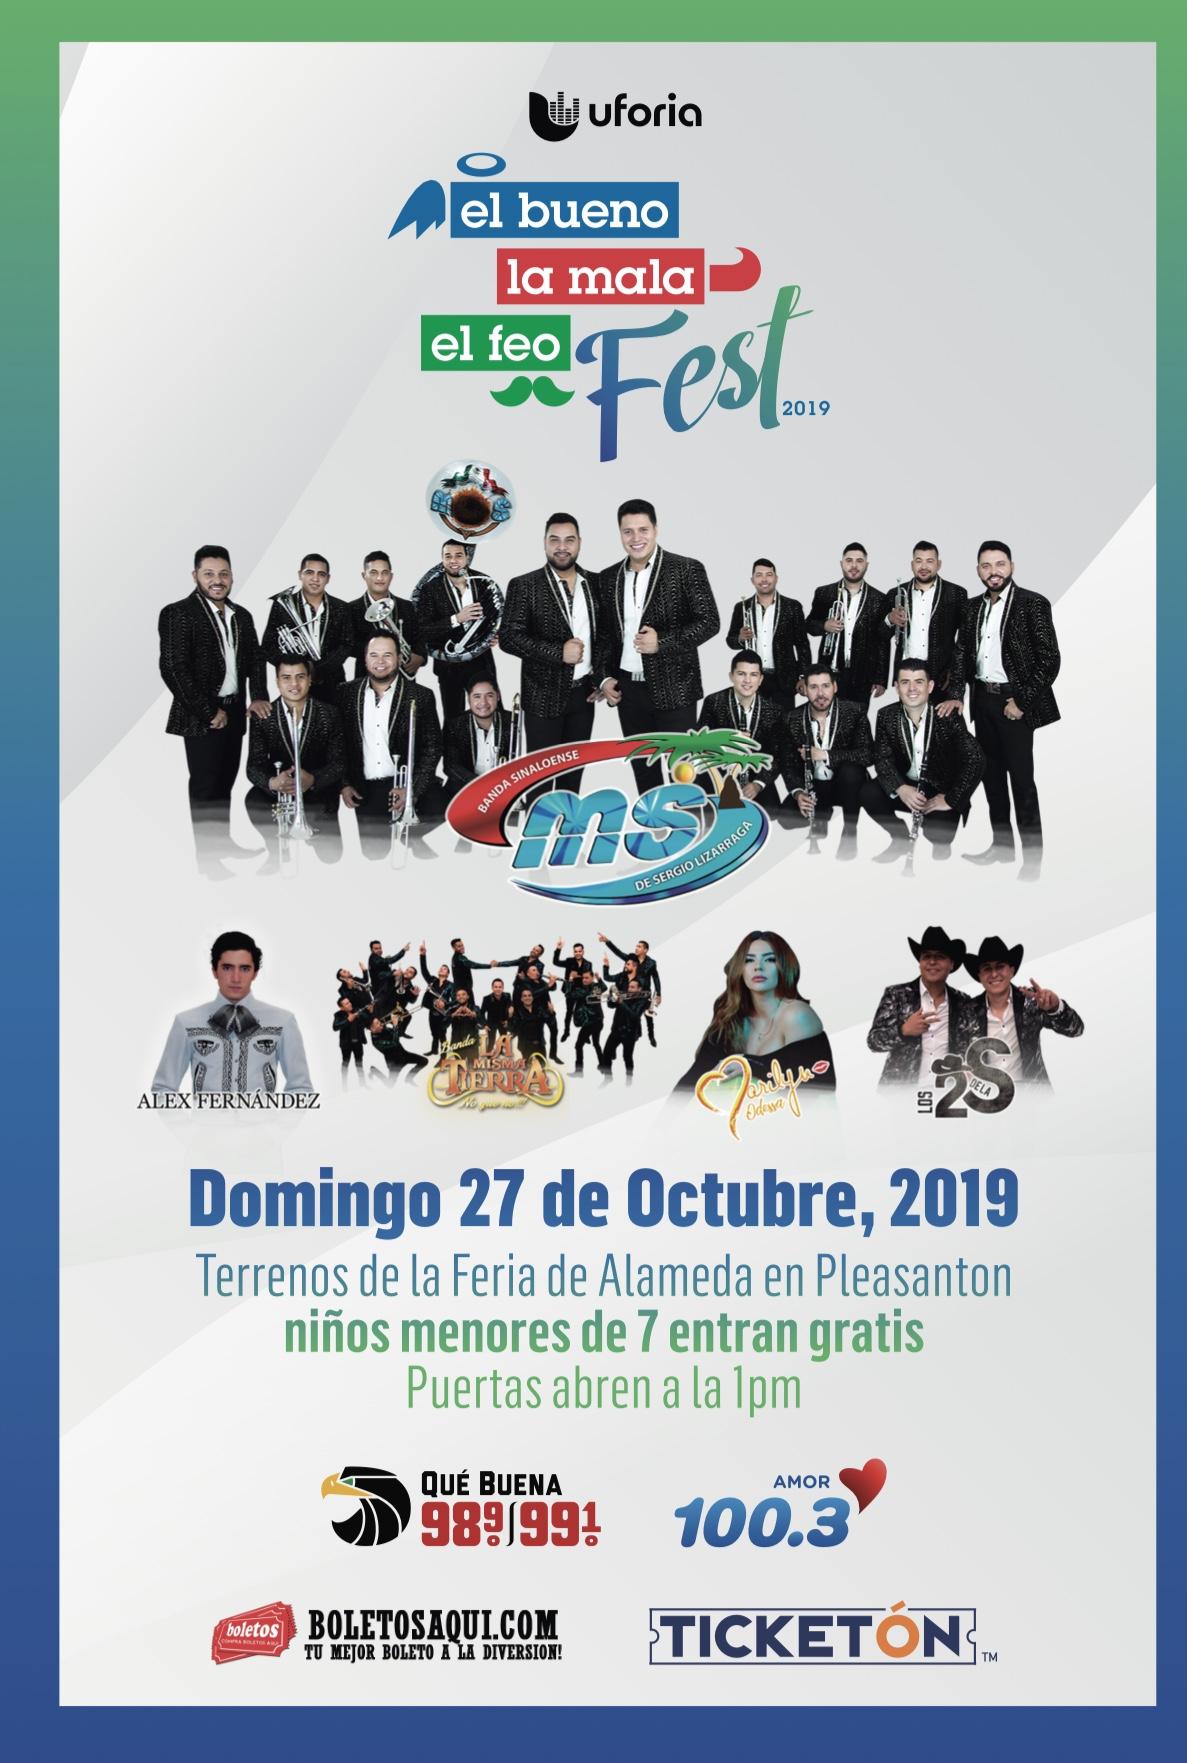 Banda MS, Alex Fernandez, Banda La Misma Tierra, Barilya Odessa y Los 2 de S. – Terrenos de la Feria de Alameda, Pleasanton, CA